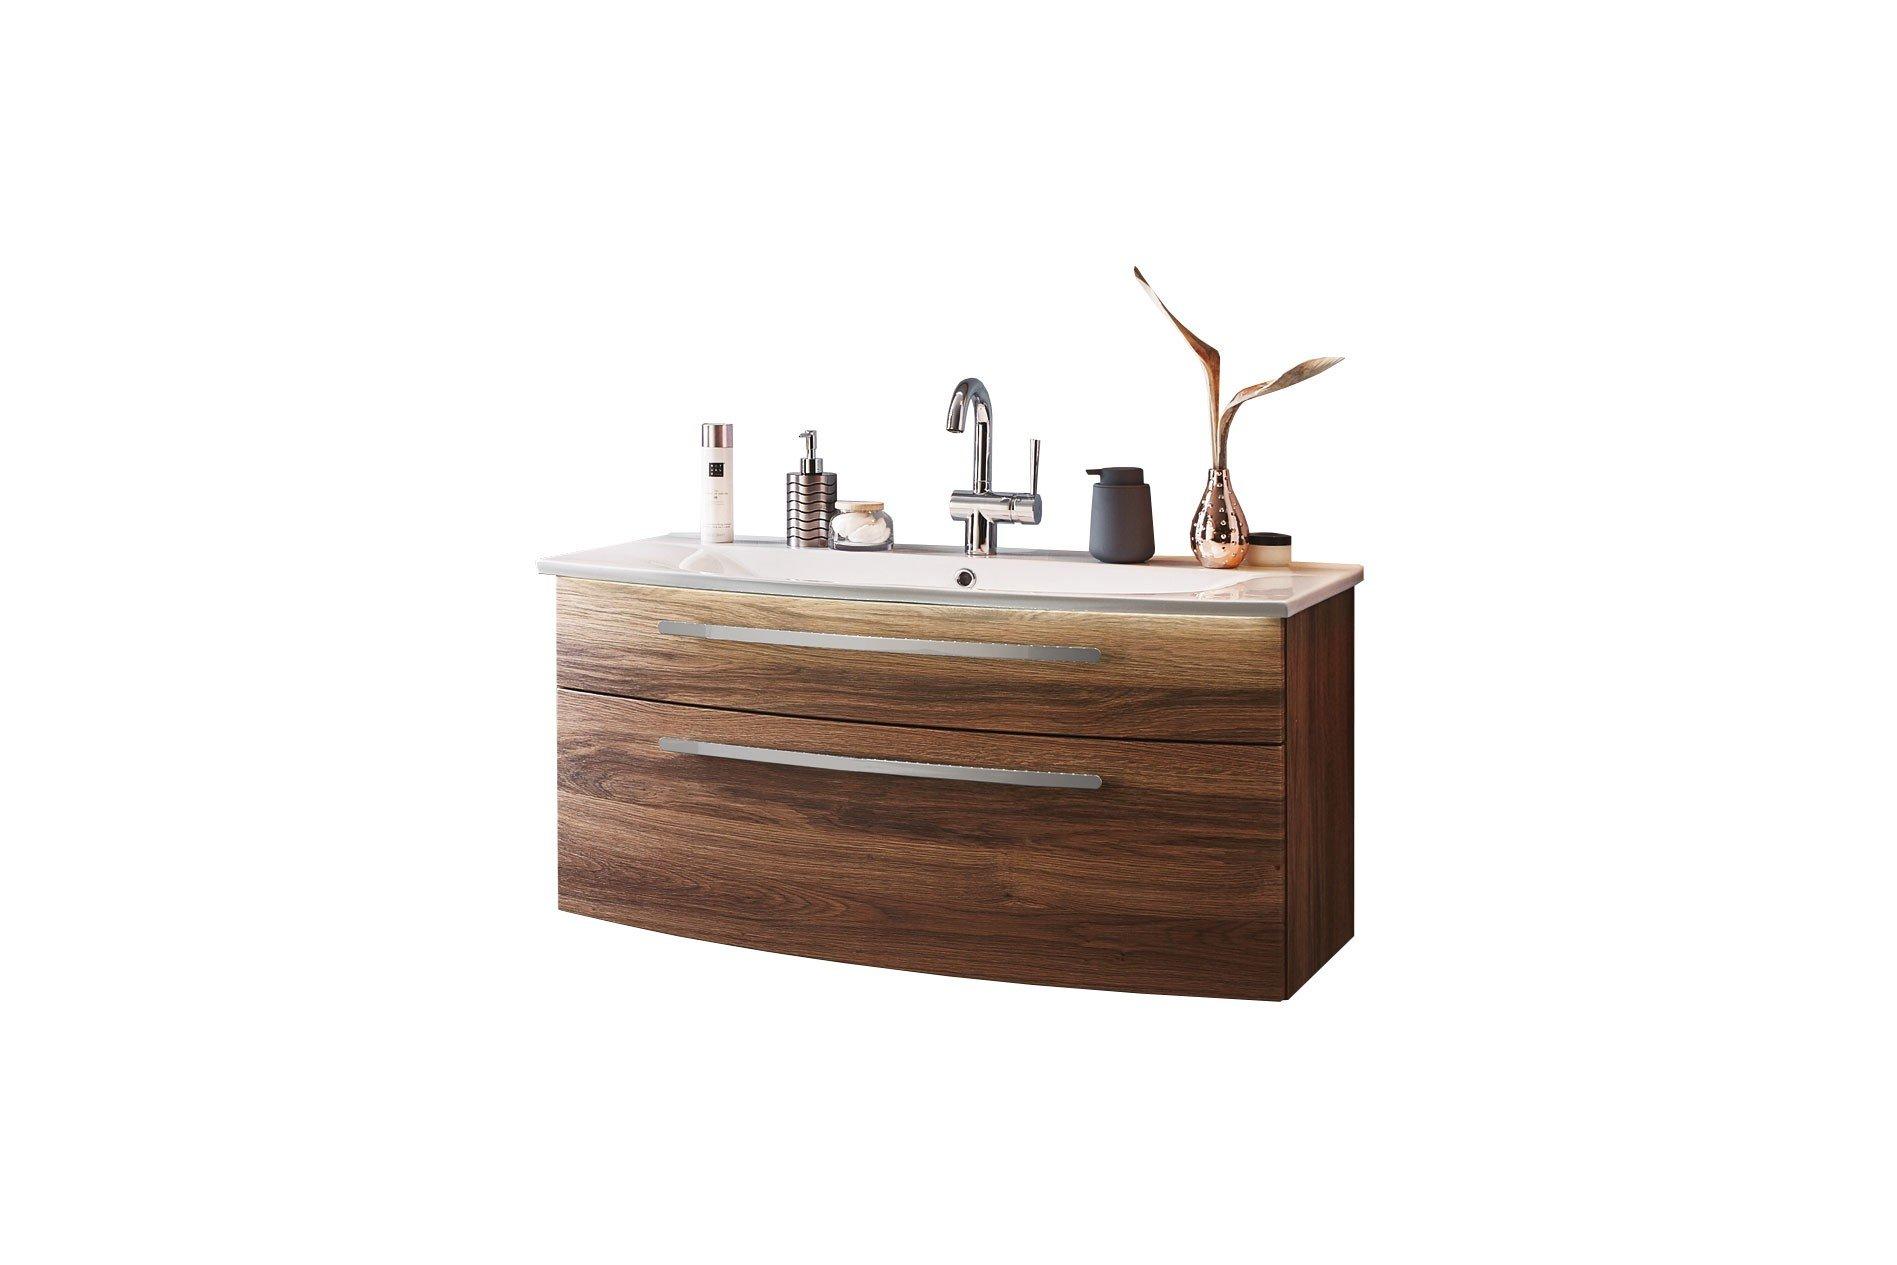 Badezimmer speed in charleston eiche mit keramik for Badezimmer konfigurator